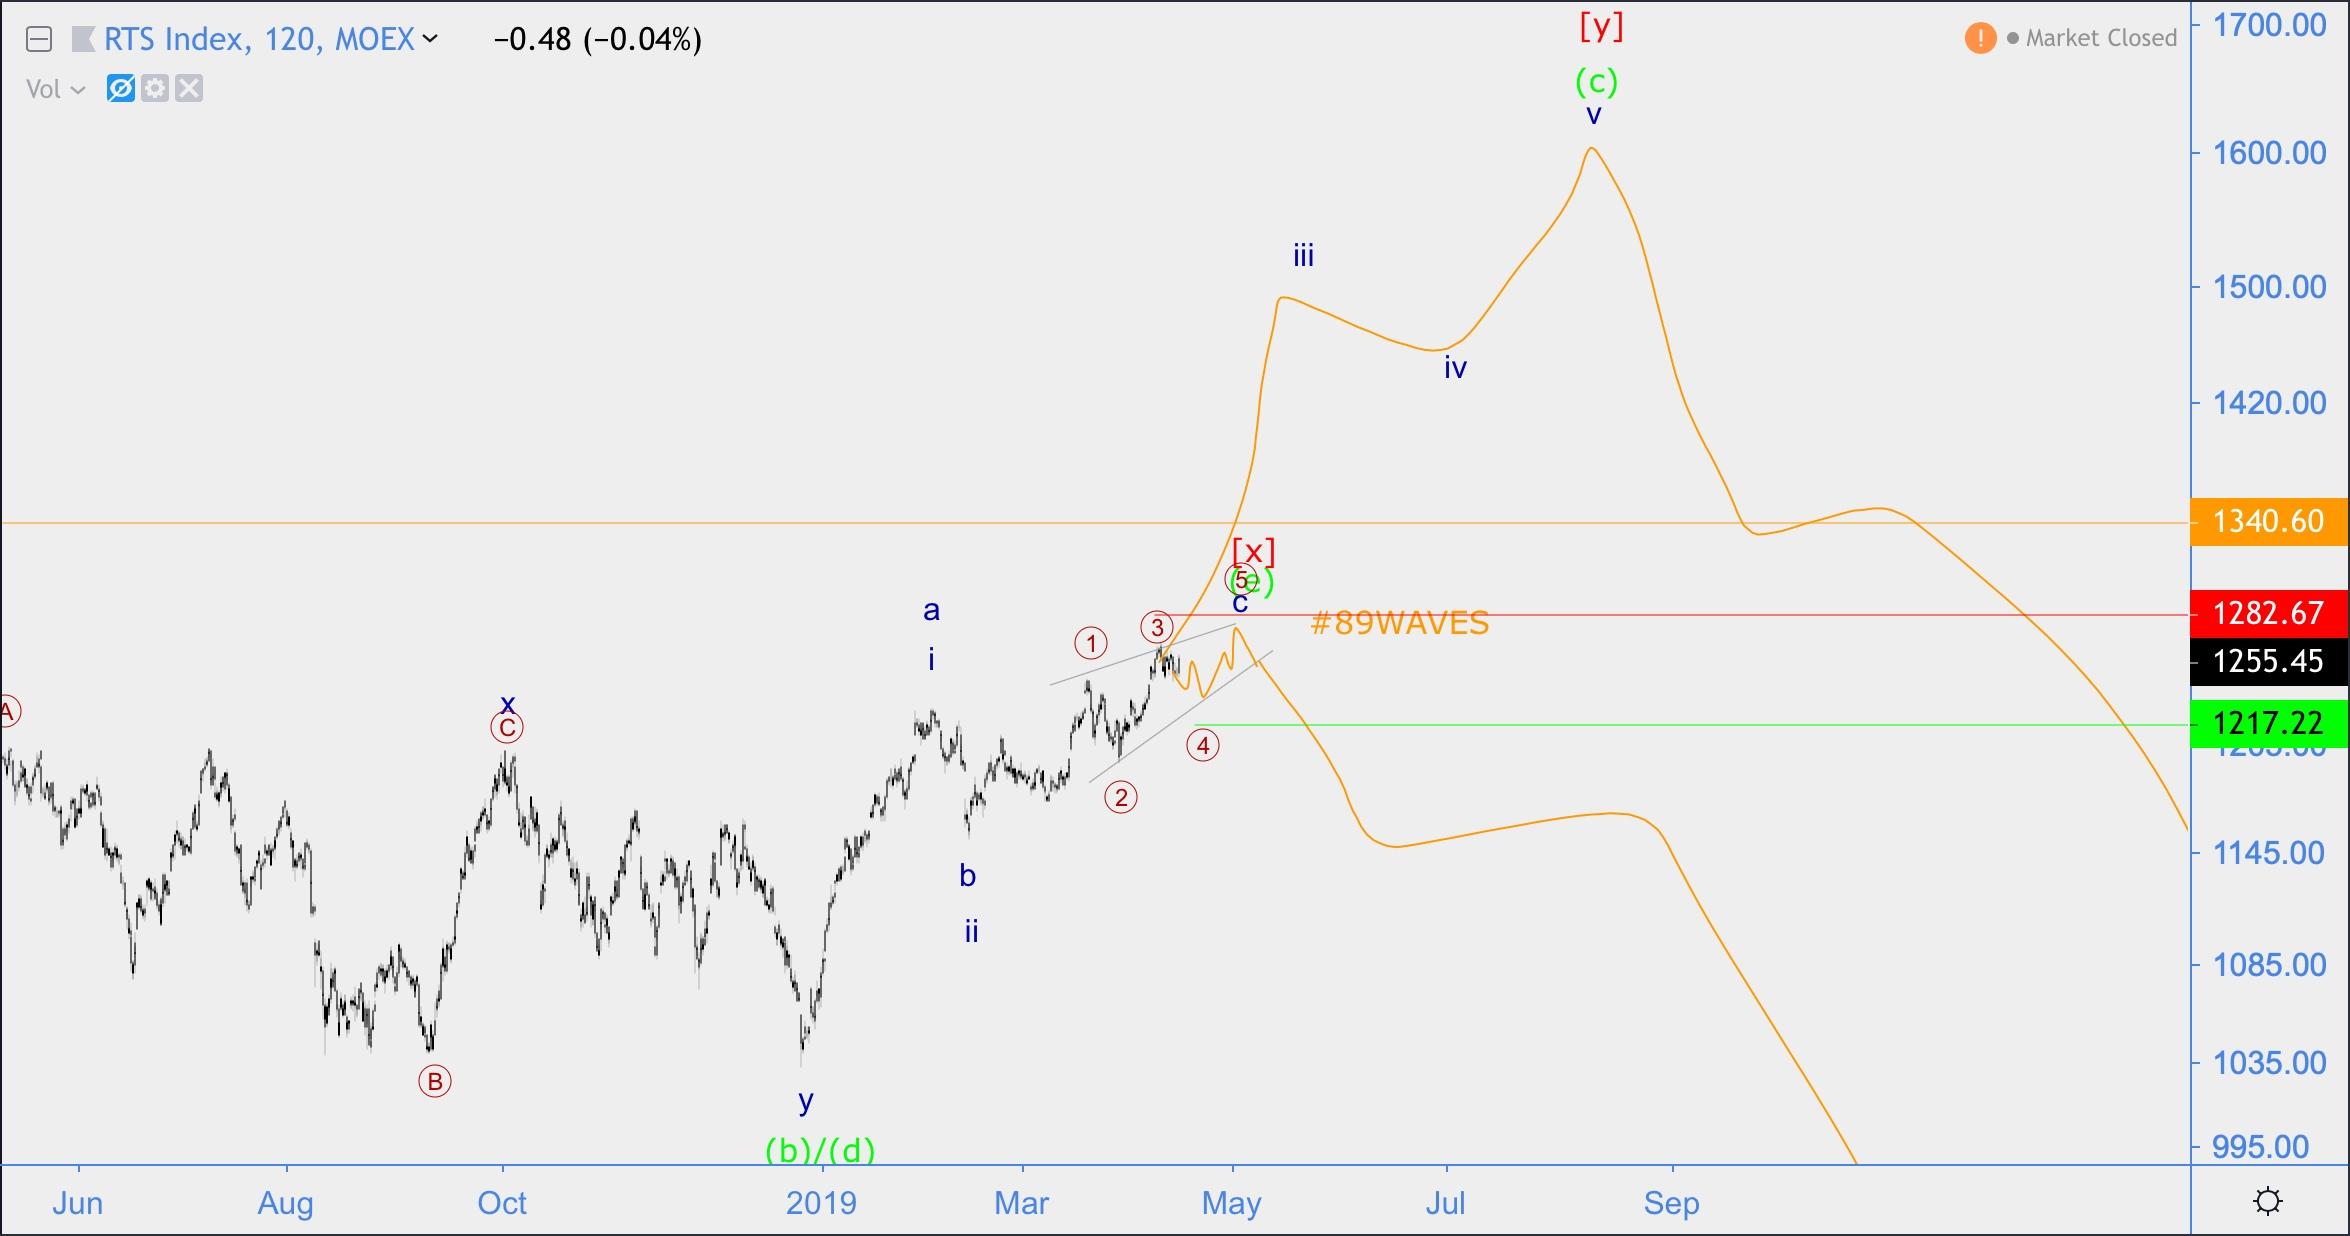 Российский индекс ртс – курс онлайн на бирже и обзор